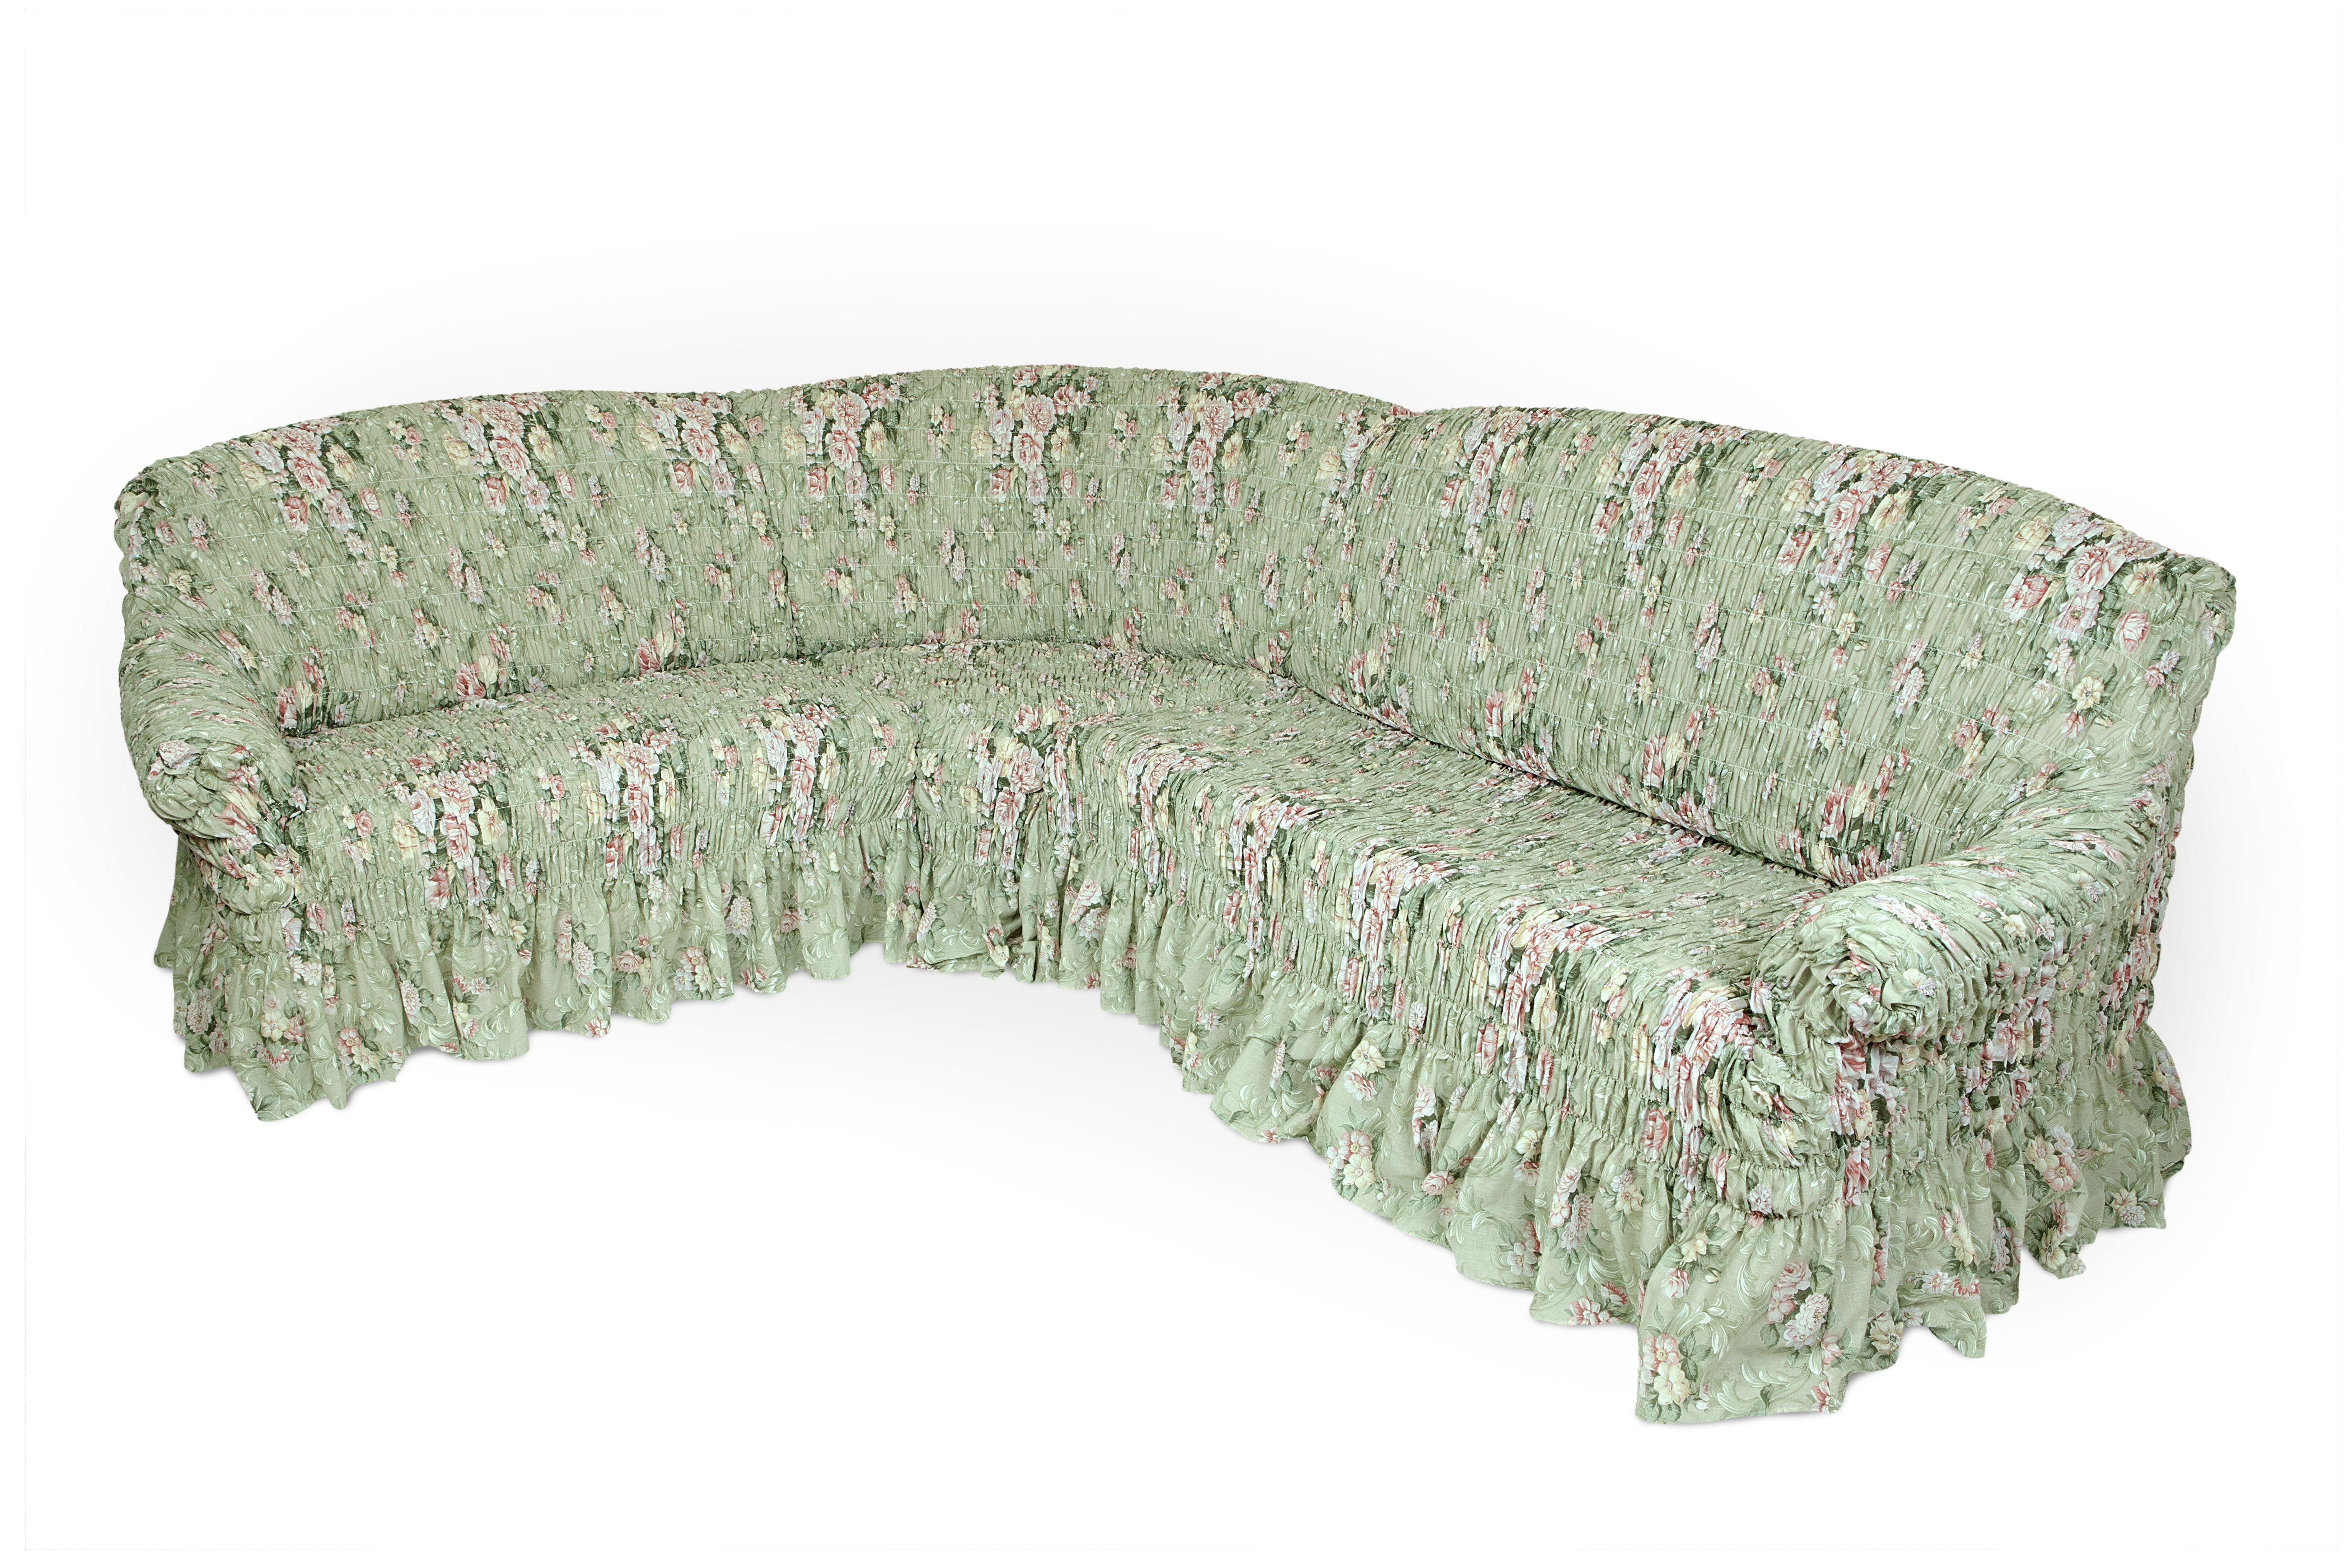 Чехол на угловой диван Еврочехол Фантазия. Феличита, 380-530 см2/14-8Чехол на классический угловой диван Еврочехол Фантазия. Феличита выполнен из 50% хлопка, 50% полиэстера. Он идеально подойдет для тех, кто хочет защитить свою мебель от постоянных воздействий. Этот чехол, благодаря прочности ткани, станет идеальным решением для владельцев домашних животных. Кроме того, натуральный состав ткани гипоаллергенен, а потому безопасен для малышей или людей пожилого возраста. Такой чехол отлично впишется в любой интерьер. Еврочехол послужит не только практичной защитой для вашей мебели, но и приятно удивит вас мягкостью ткани и итальянским качеством производства. Растяжимость чехла по спинке (без учета подлокотников): 380-530 см.